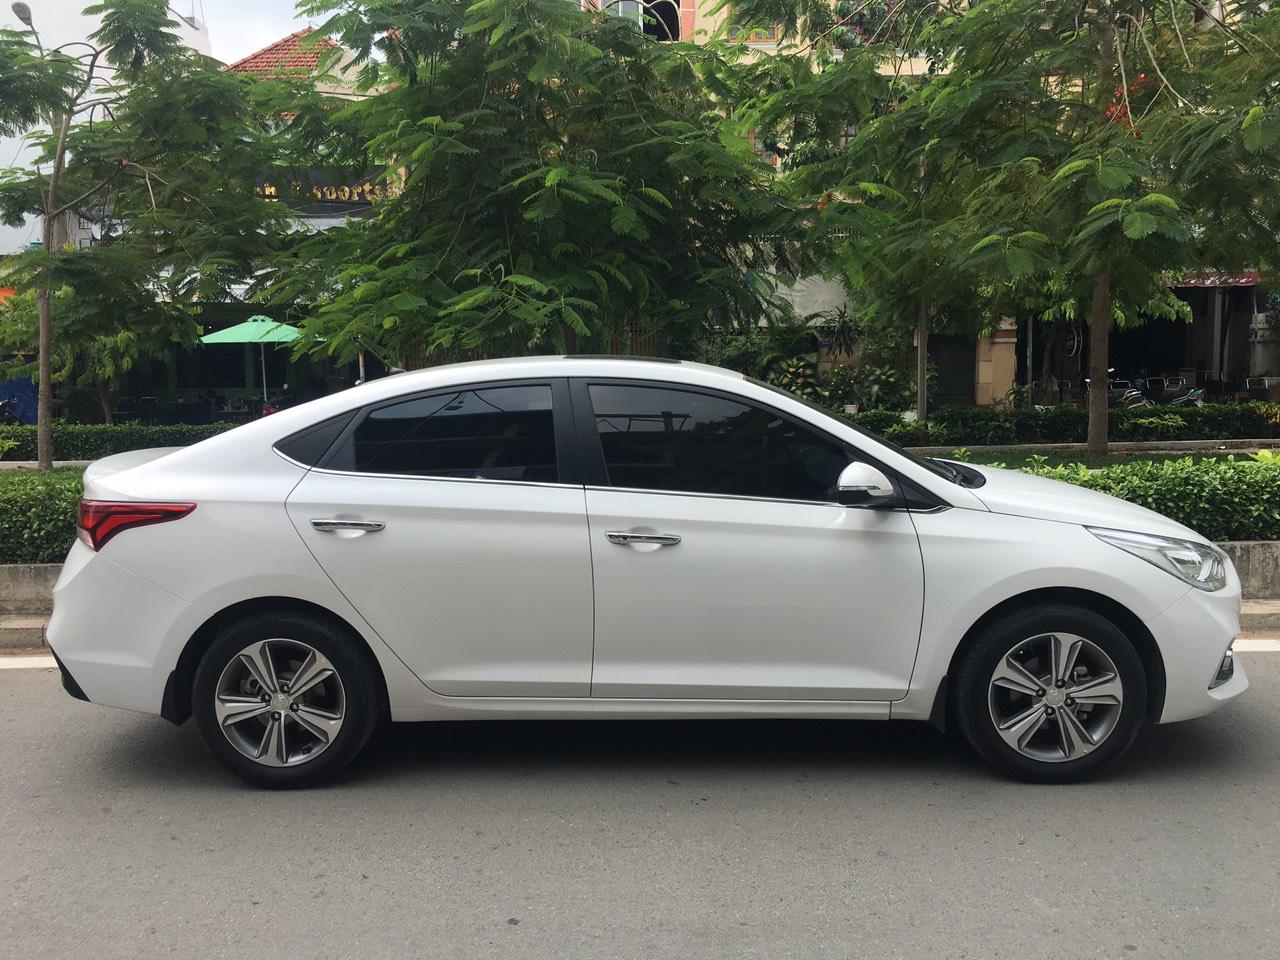 Bán xe Hyundai Accent 2018 màu trắng, bản Full